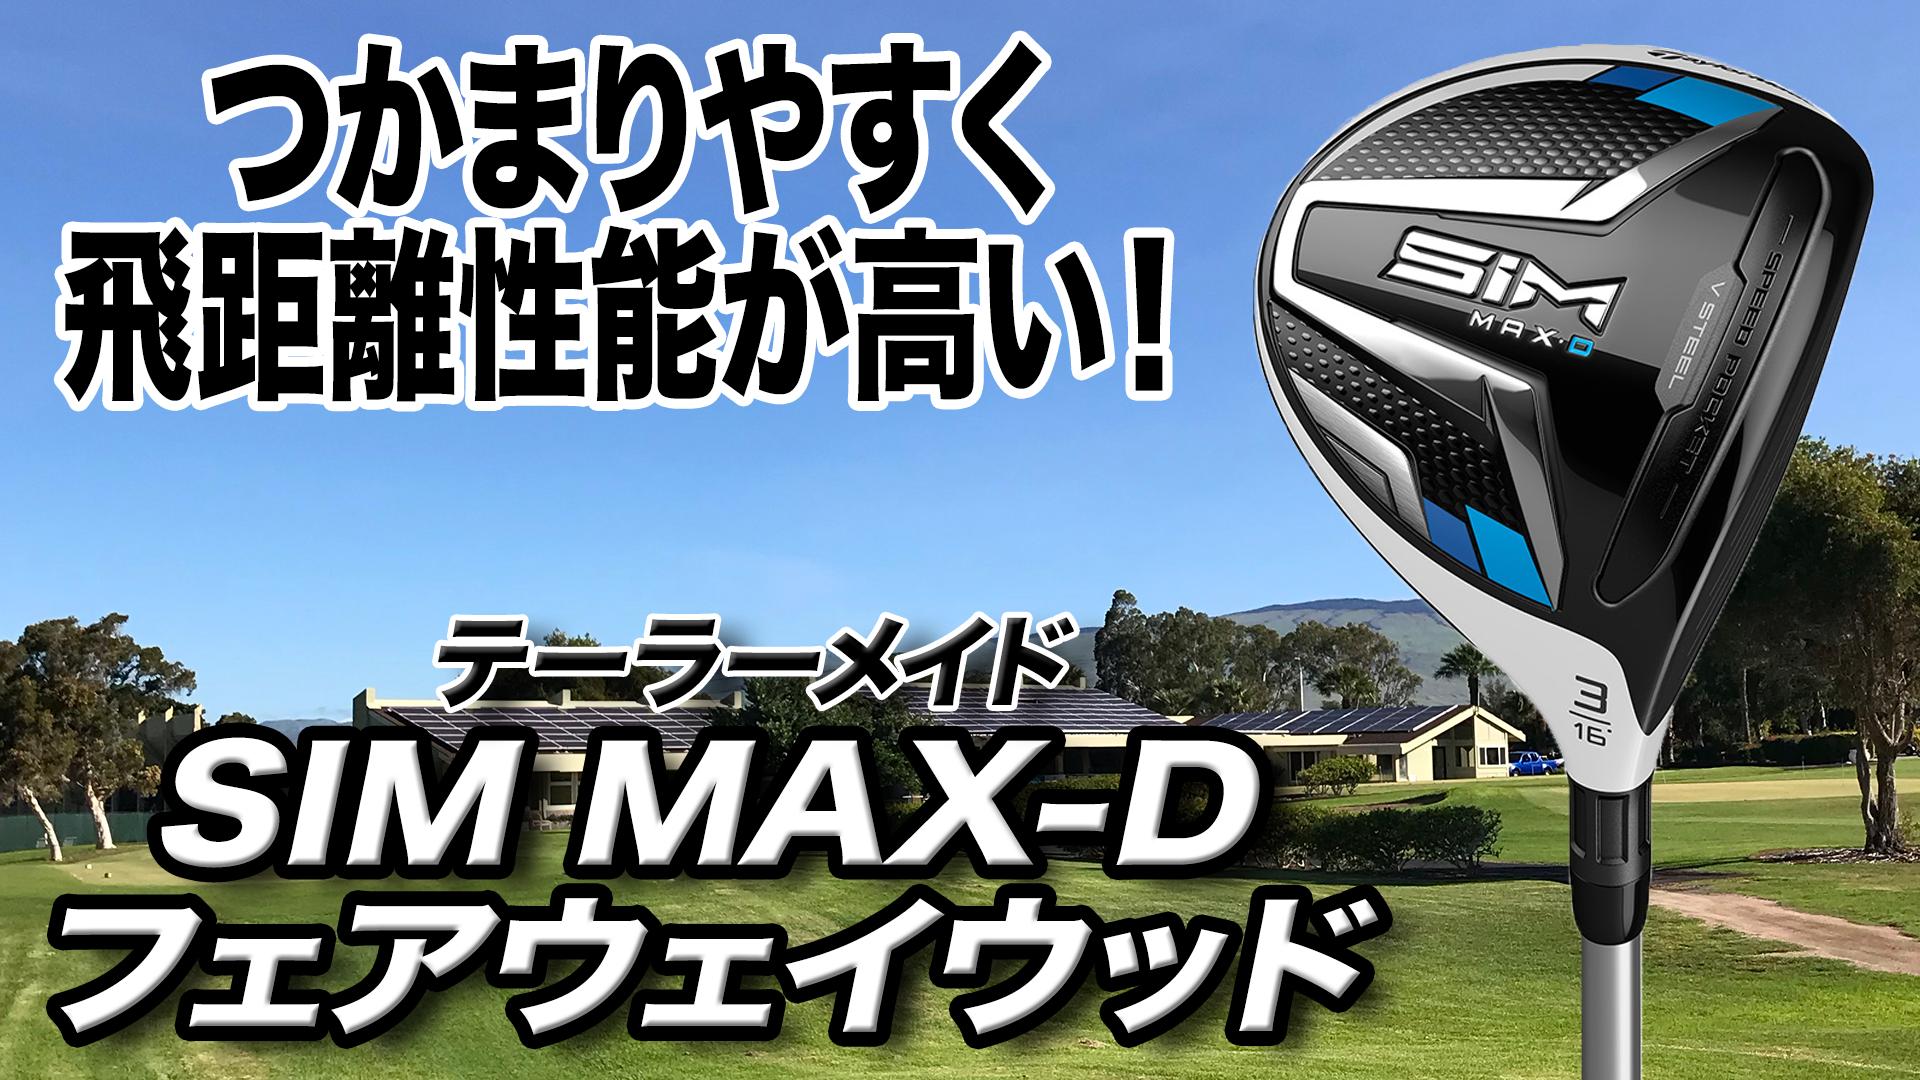 テーラーメイド「SIM MAX-D フェアウェイウッド」【レビュー企画】